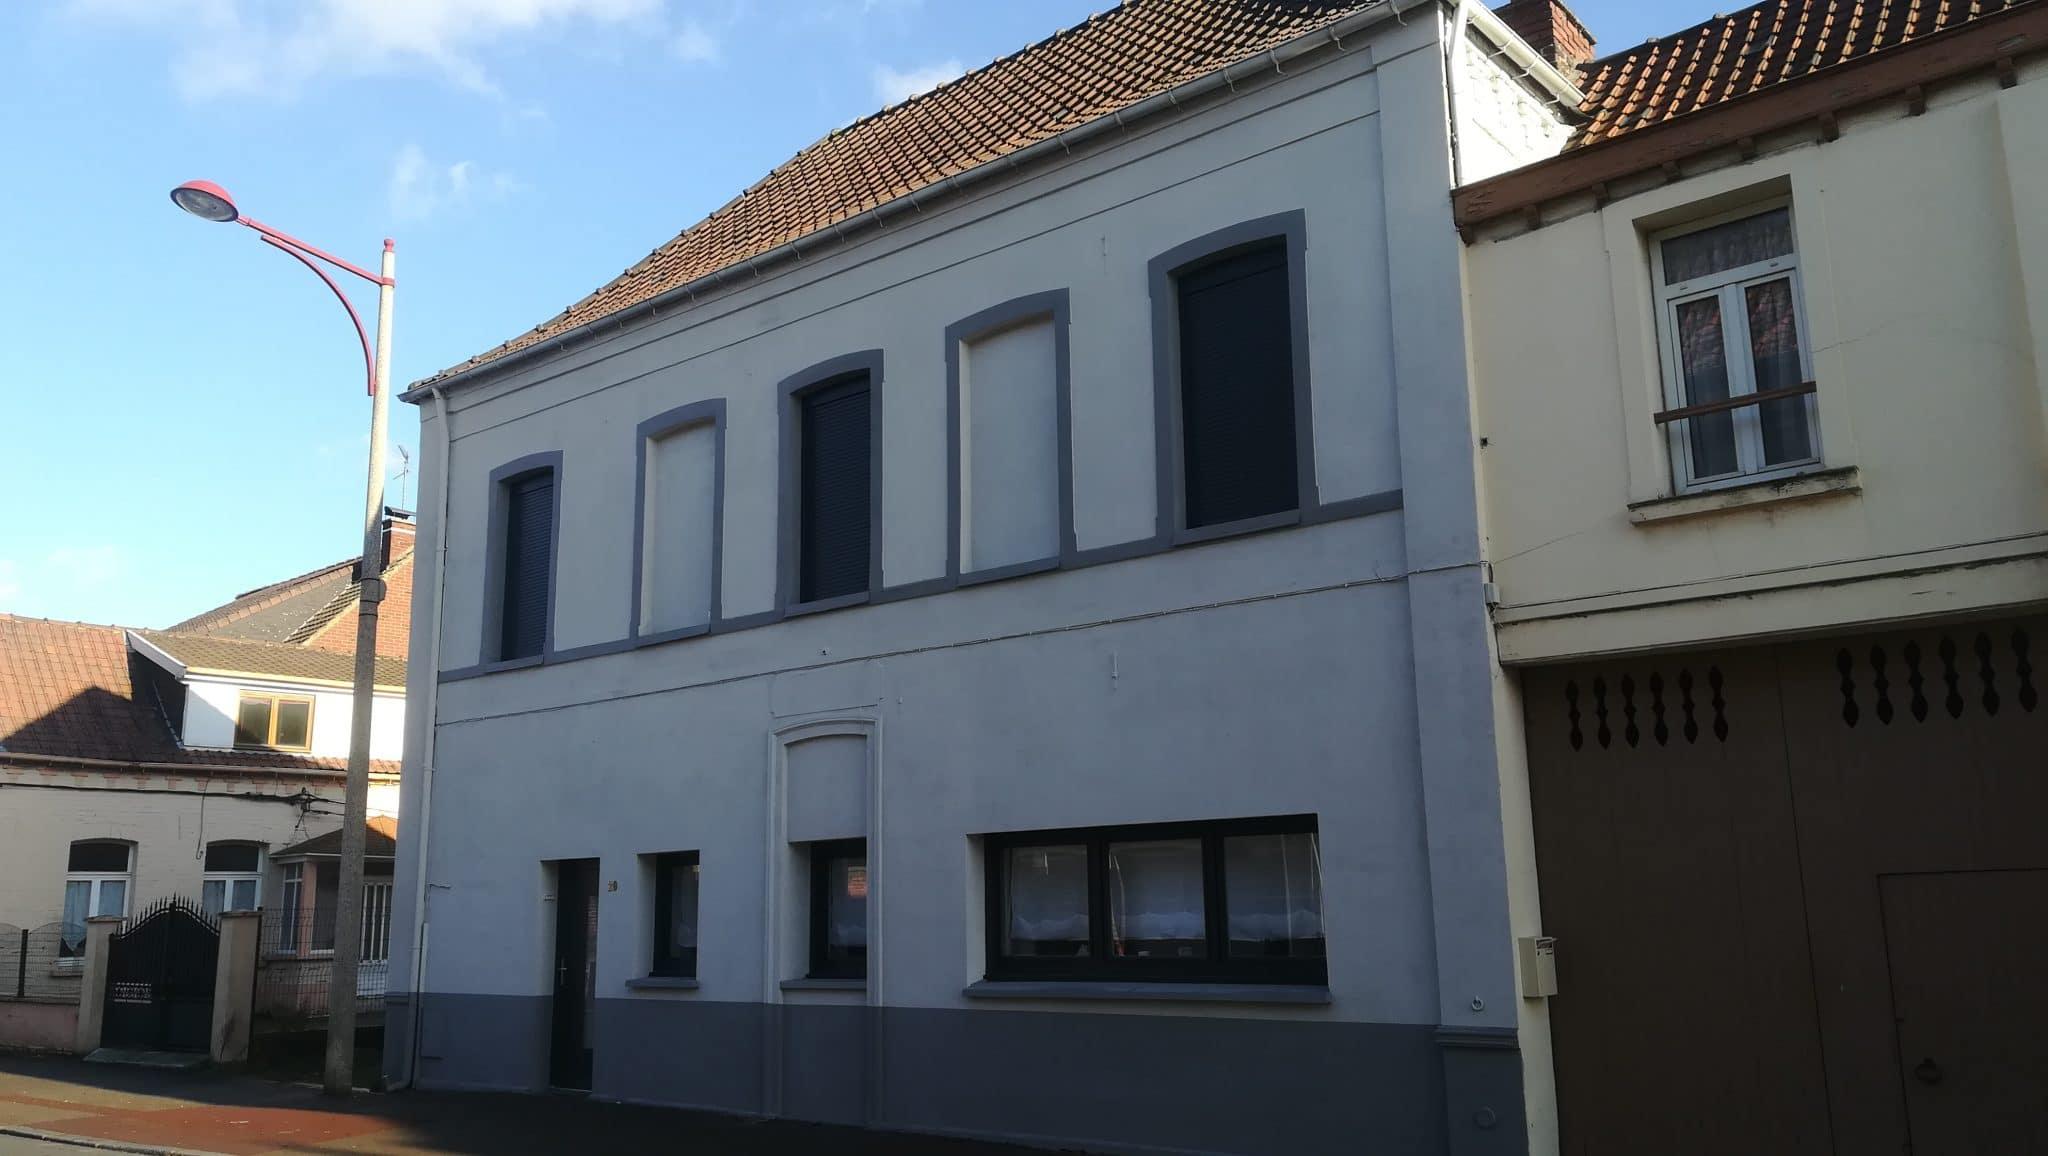 Rénovation d'une maison à Leforest dans le Pas-de-Calais (62)